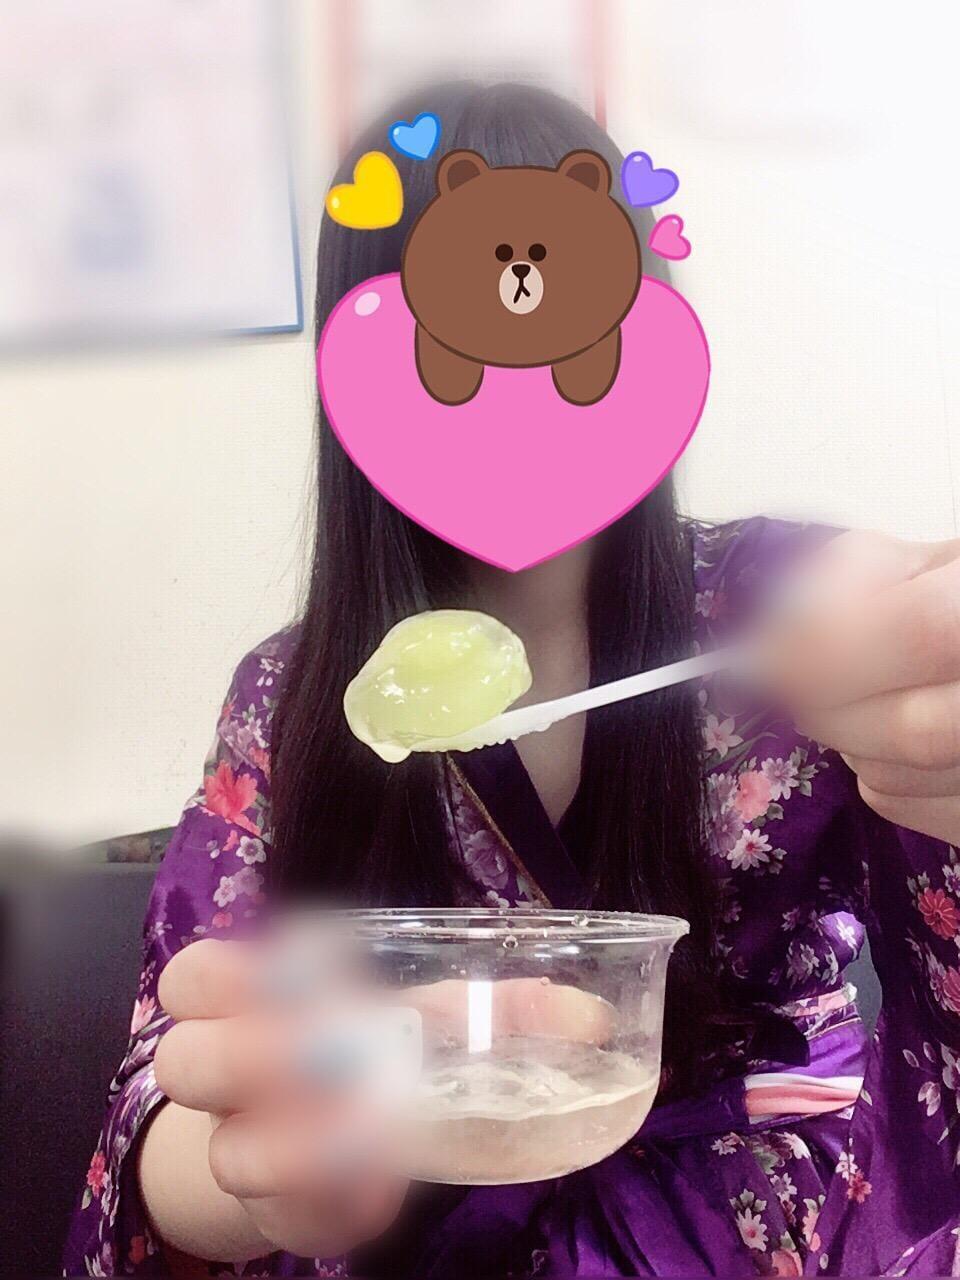 「おめでとう!」09/20(木) 14:30   No.33 有栖川の写メ・風俗動画